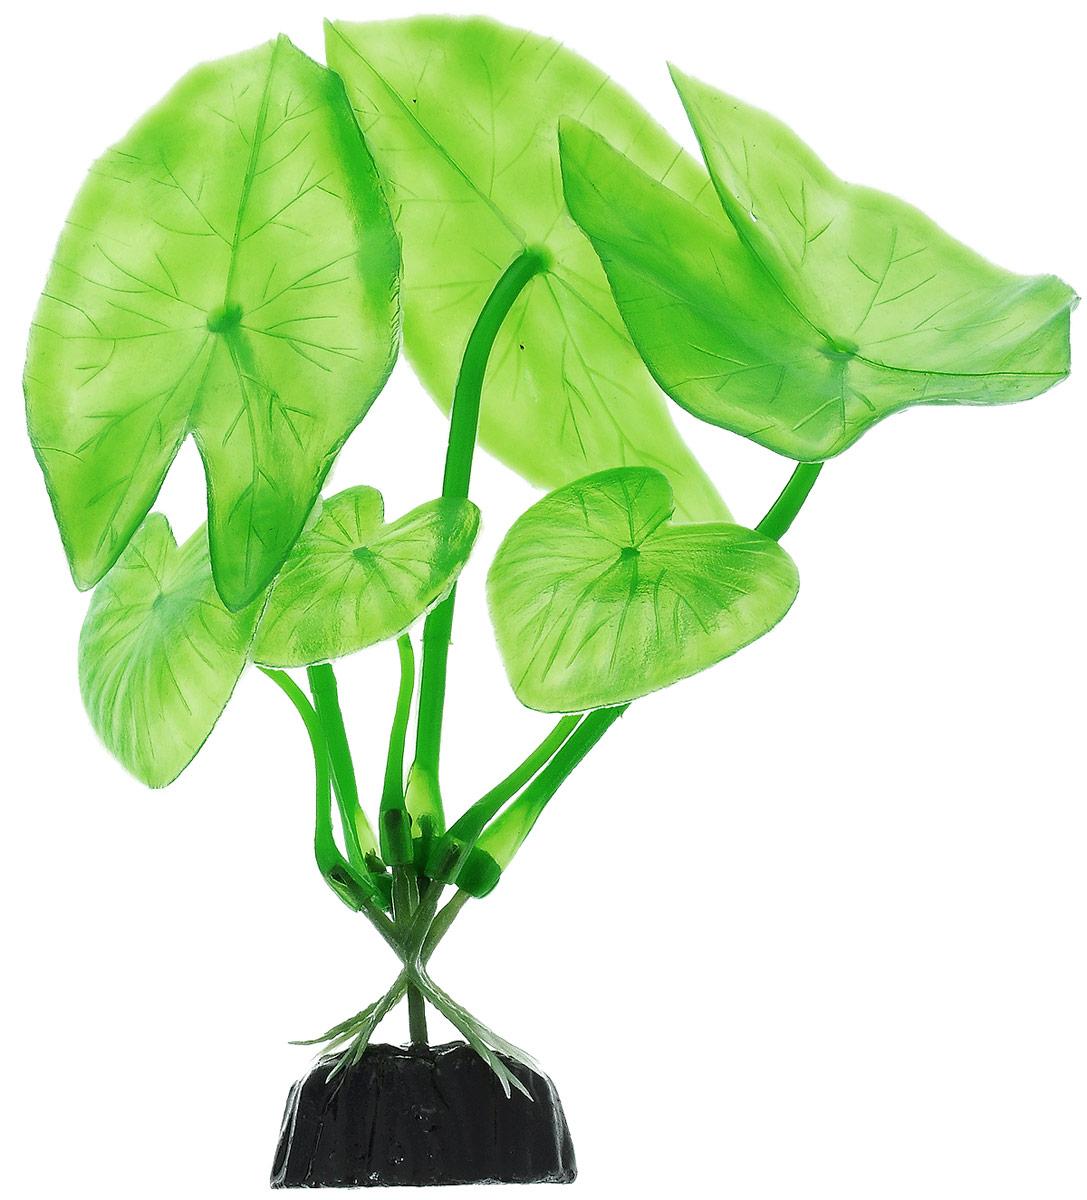 Растение для аквариума Barbus Нимфея, пластиковое, высота 10 см